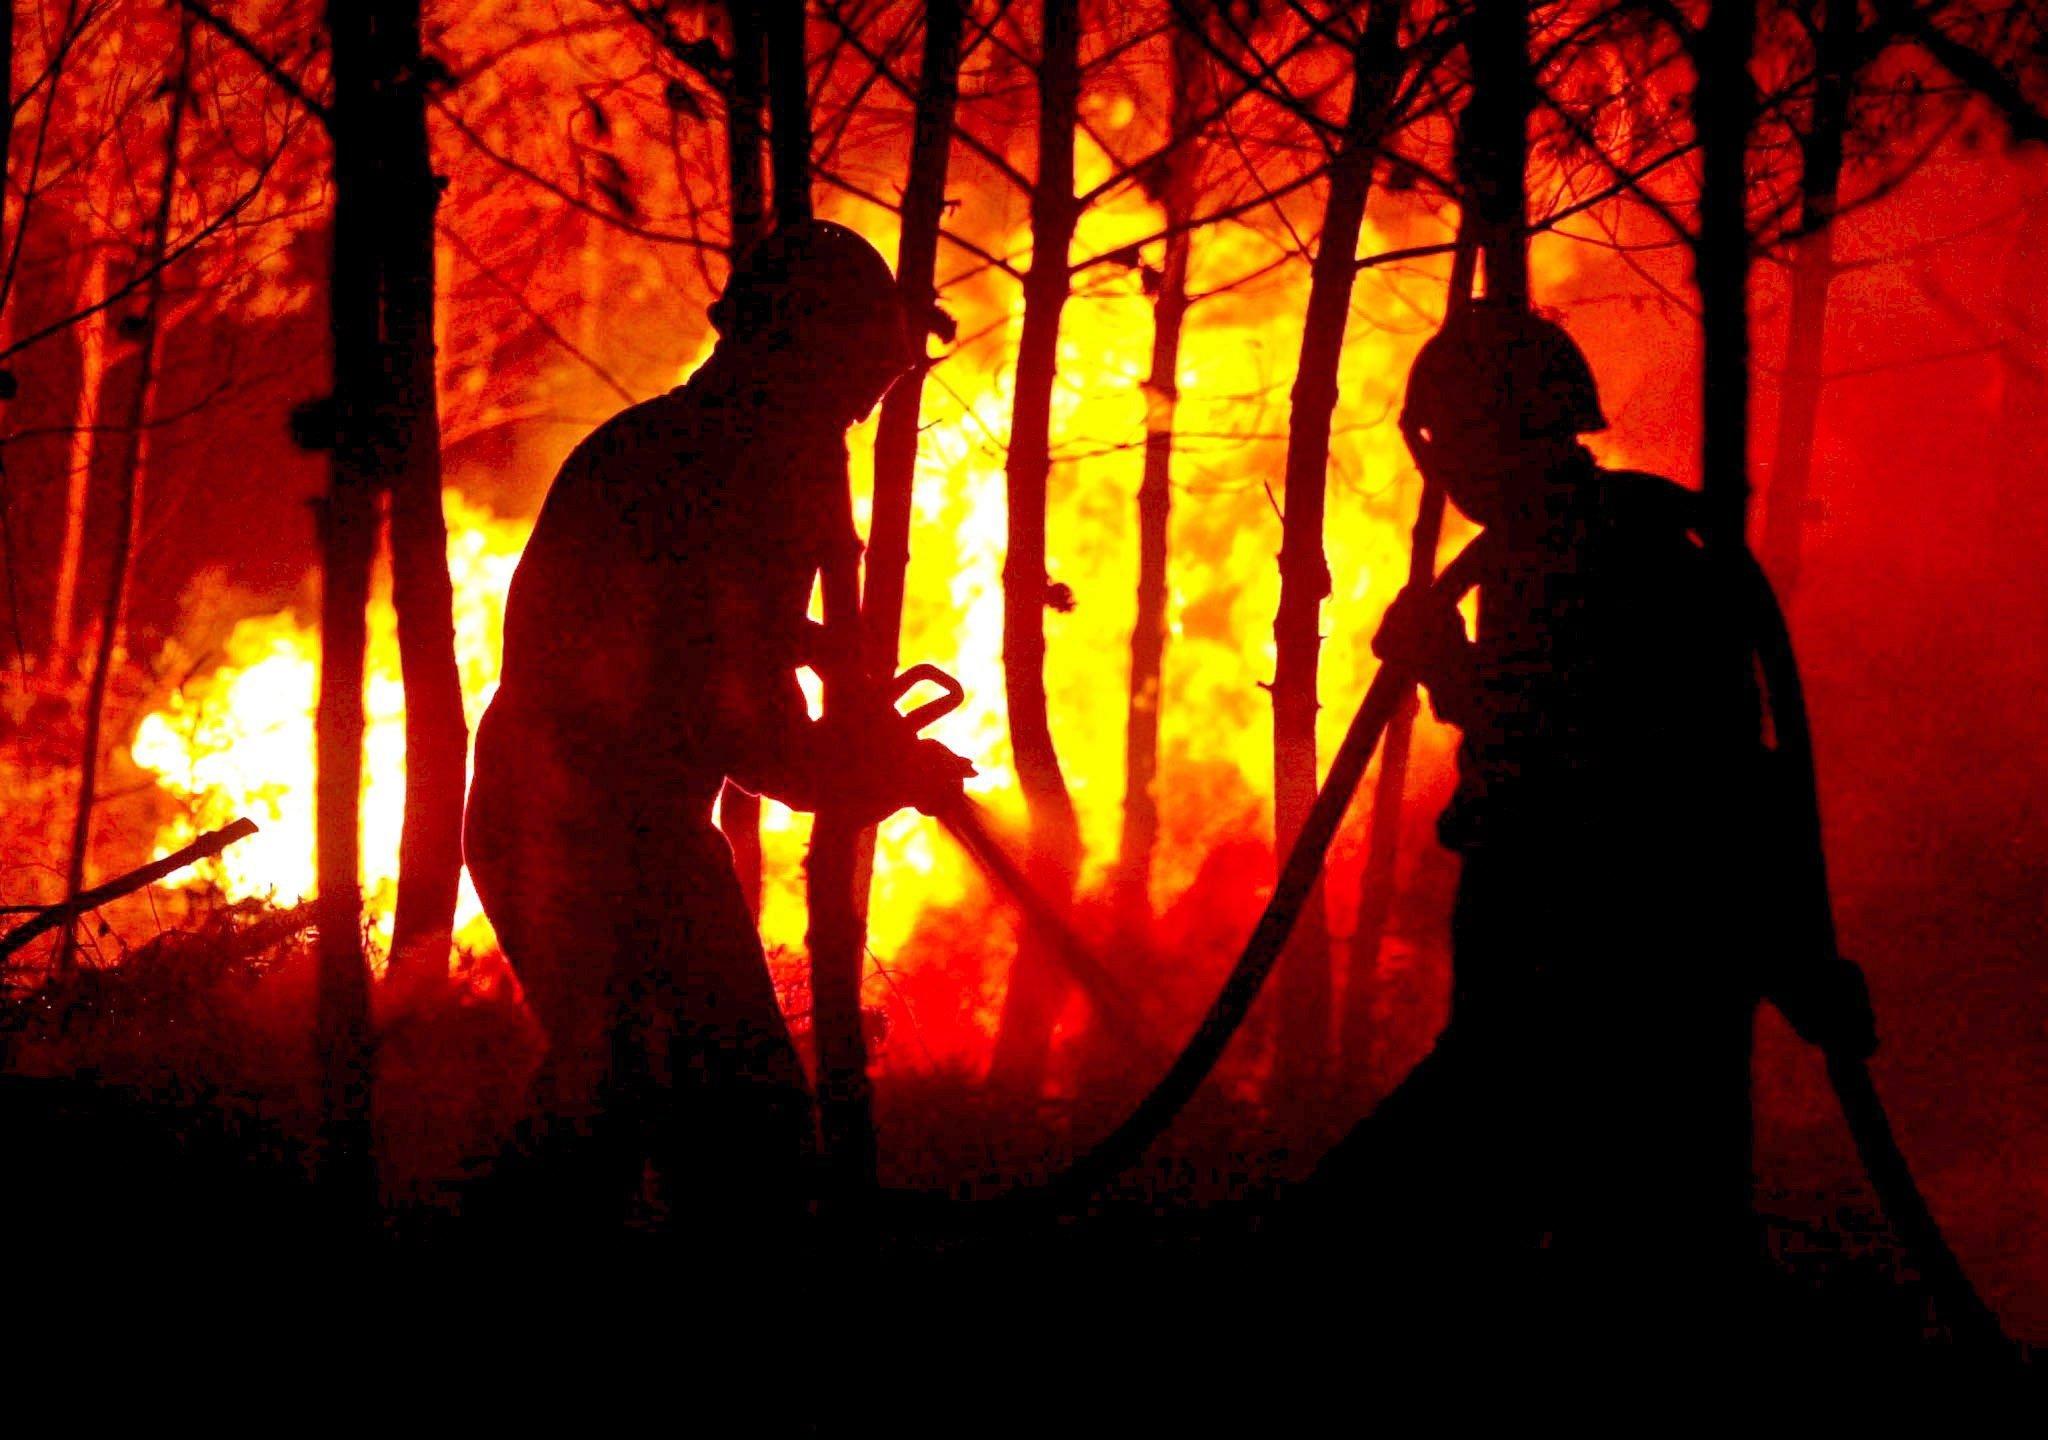 Die Gefahr von Waldbränden steigt, je häufiger es blitzt. Und je wärmer es auf der Erde wird, um so mehr Gewitter wird es geben.